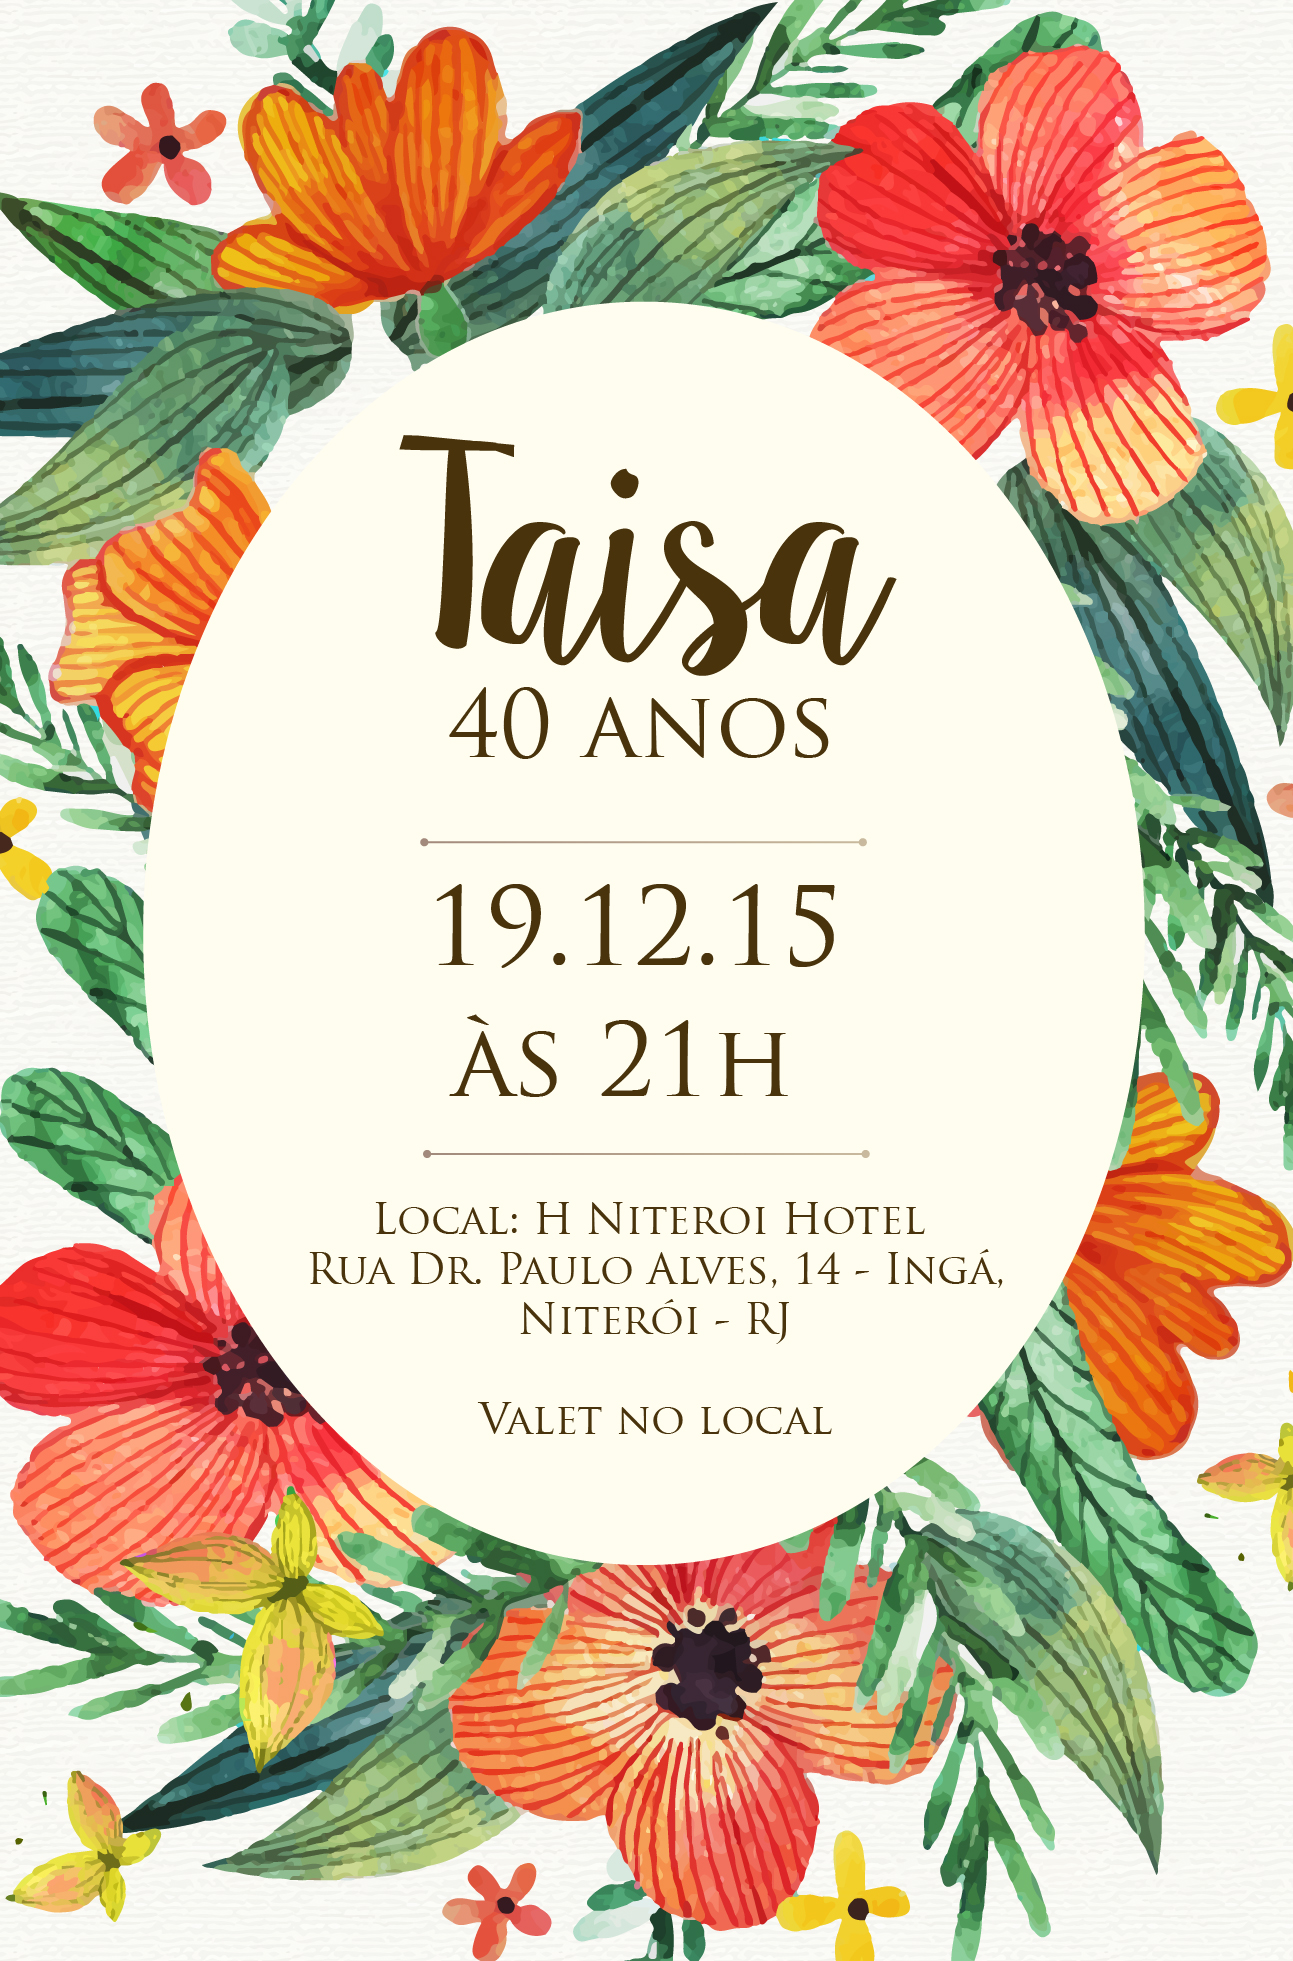 Convite- Taisa - 40 anos-02-01.jpg